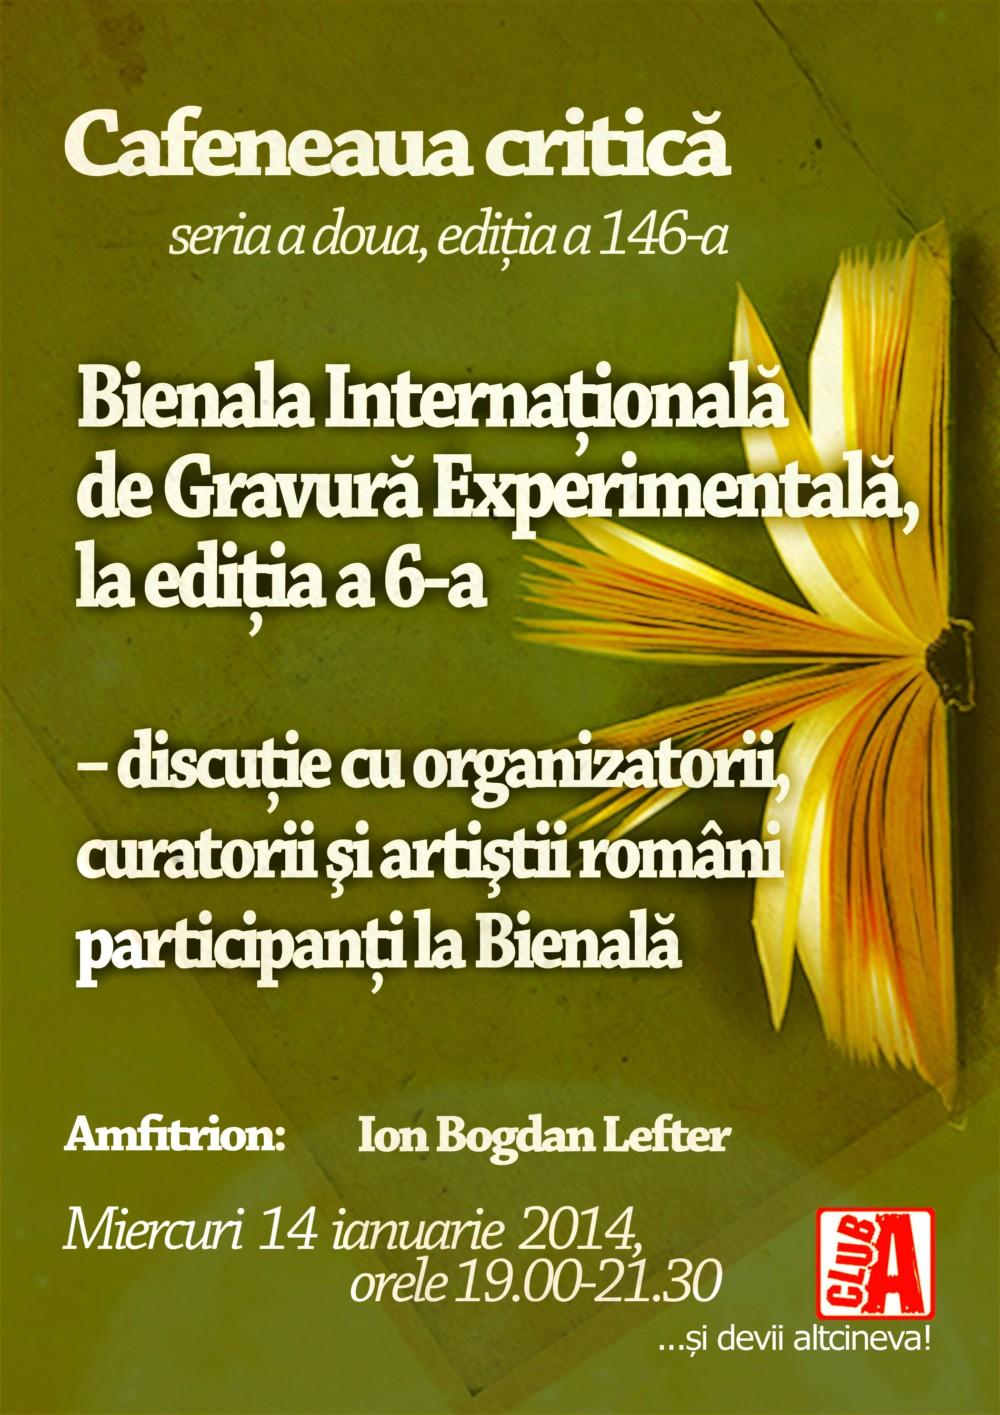 Cafeneaua critică despre Bienala Internaţională de Gravură Experimentală